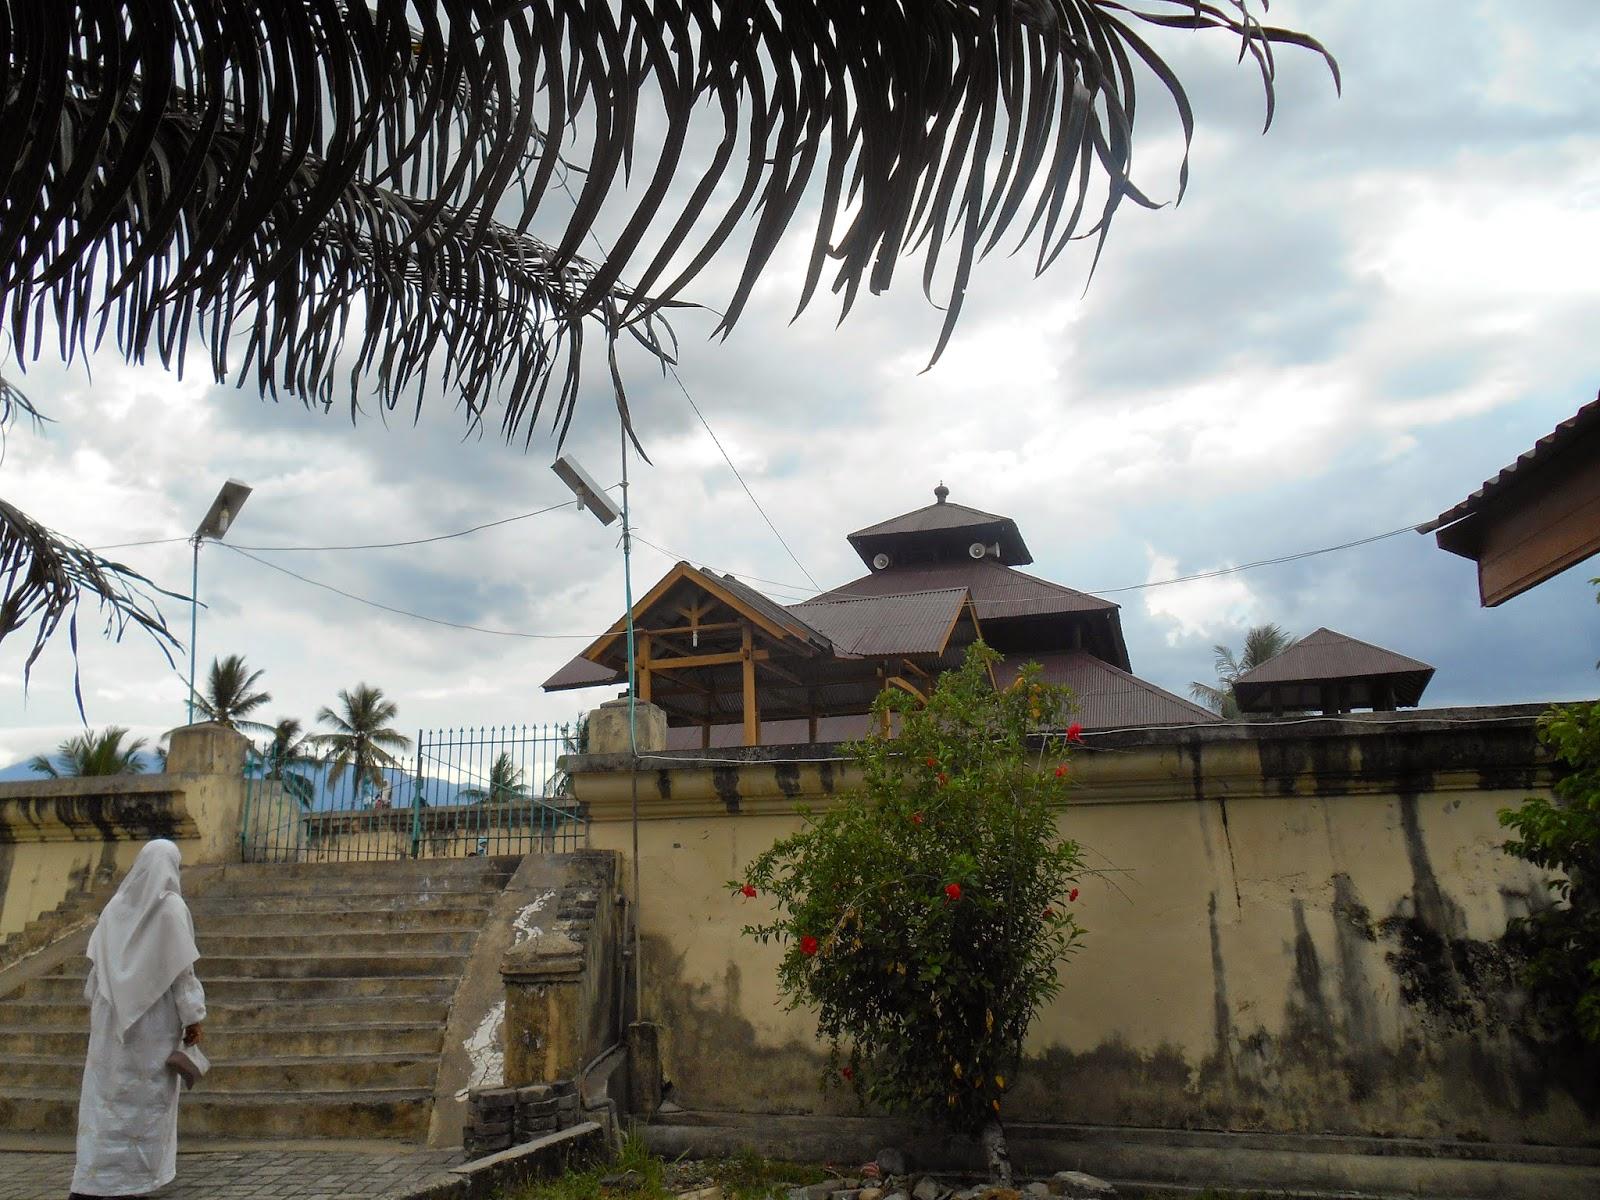 Heaven Family Holiday Pesona Masjid Jami Indrapuri Aceh Berjarak 25